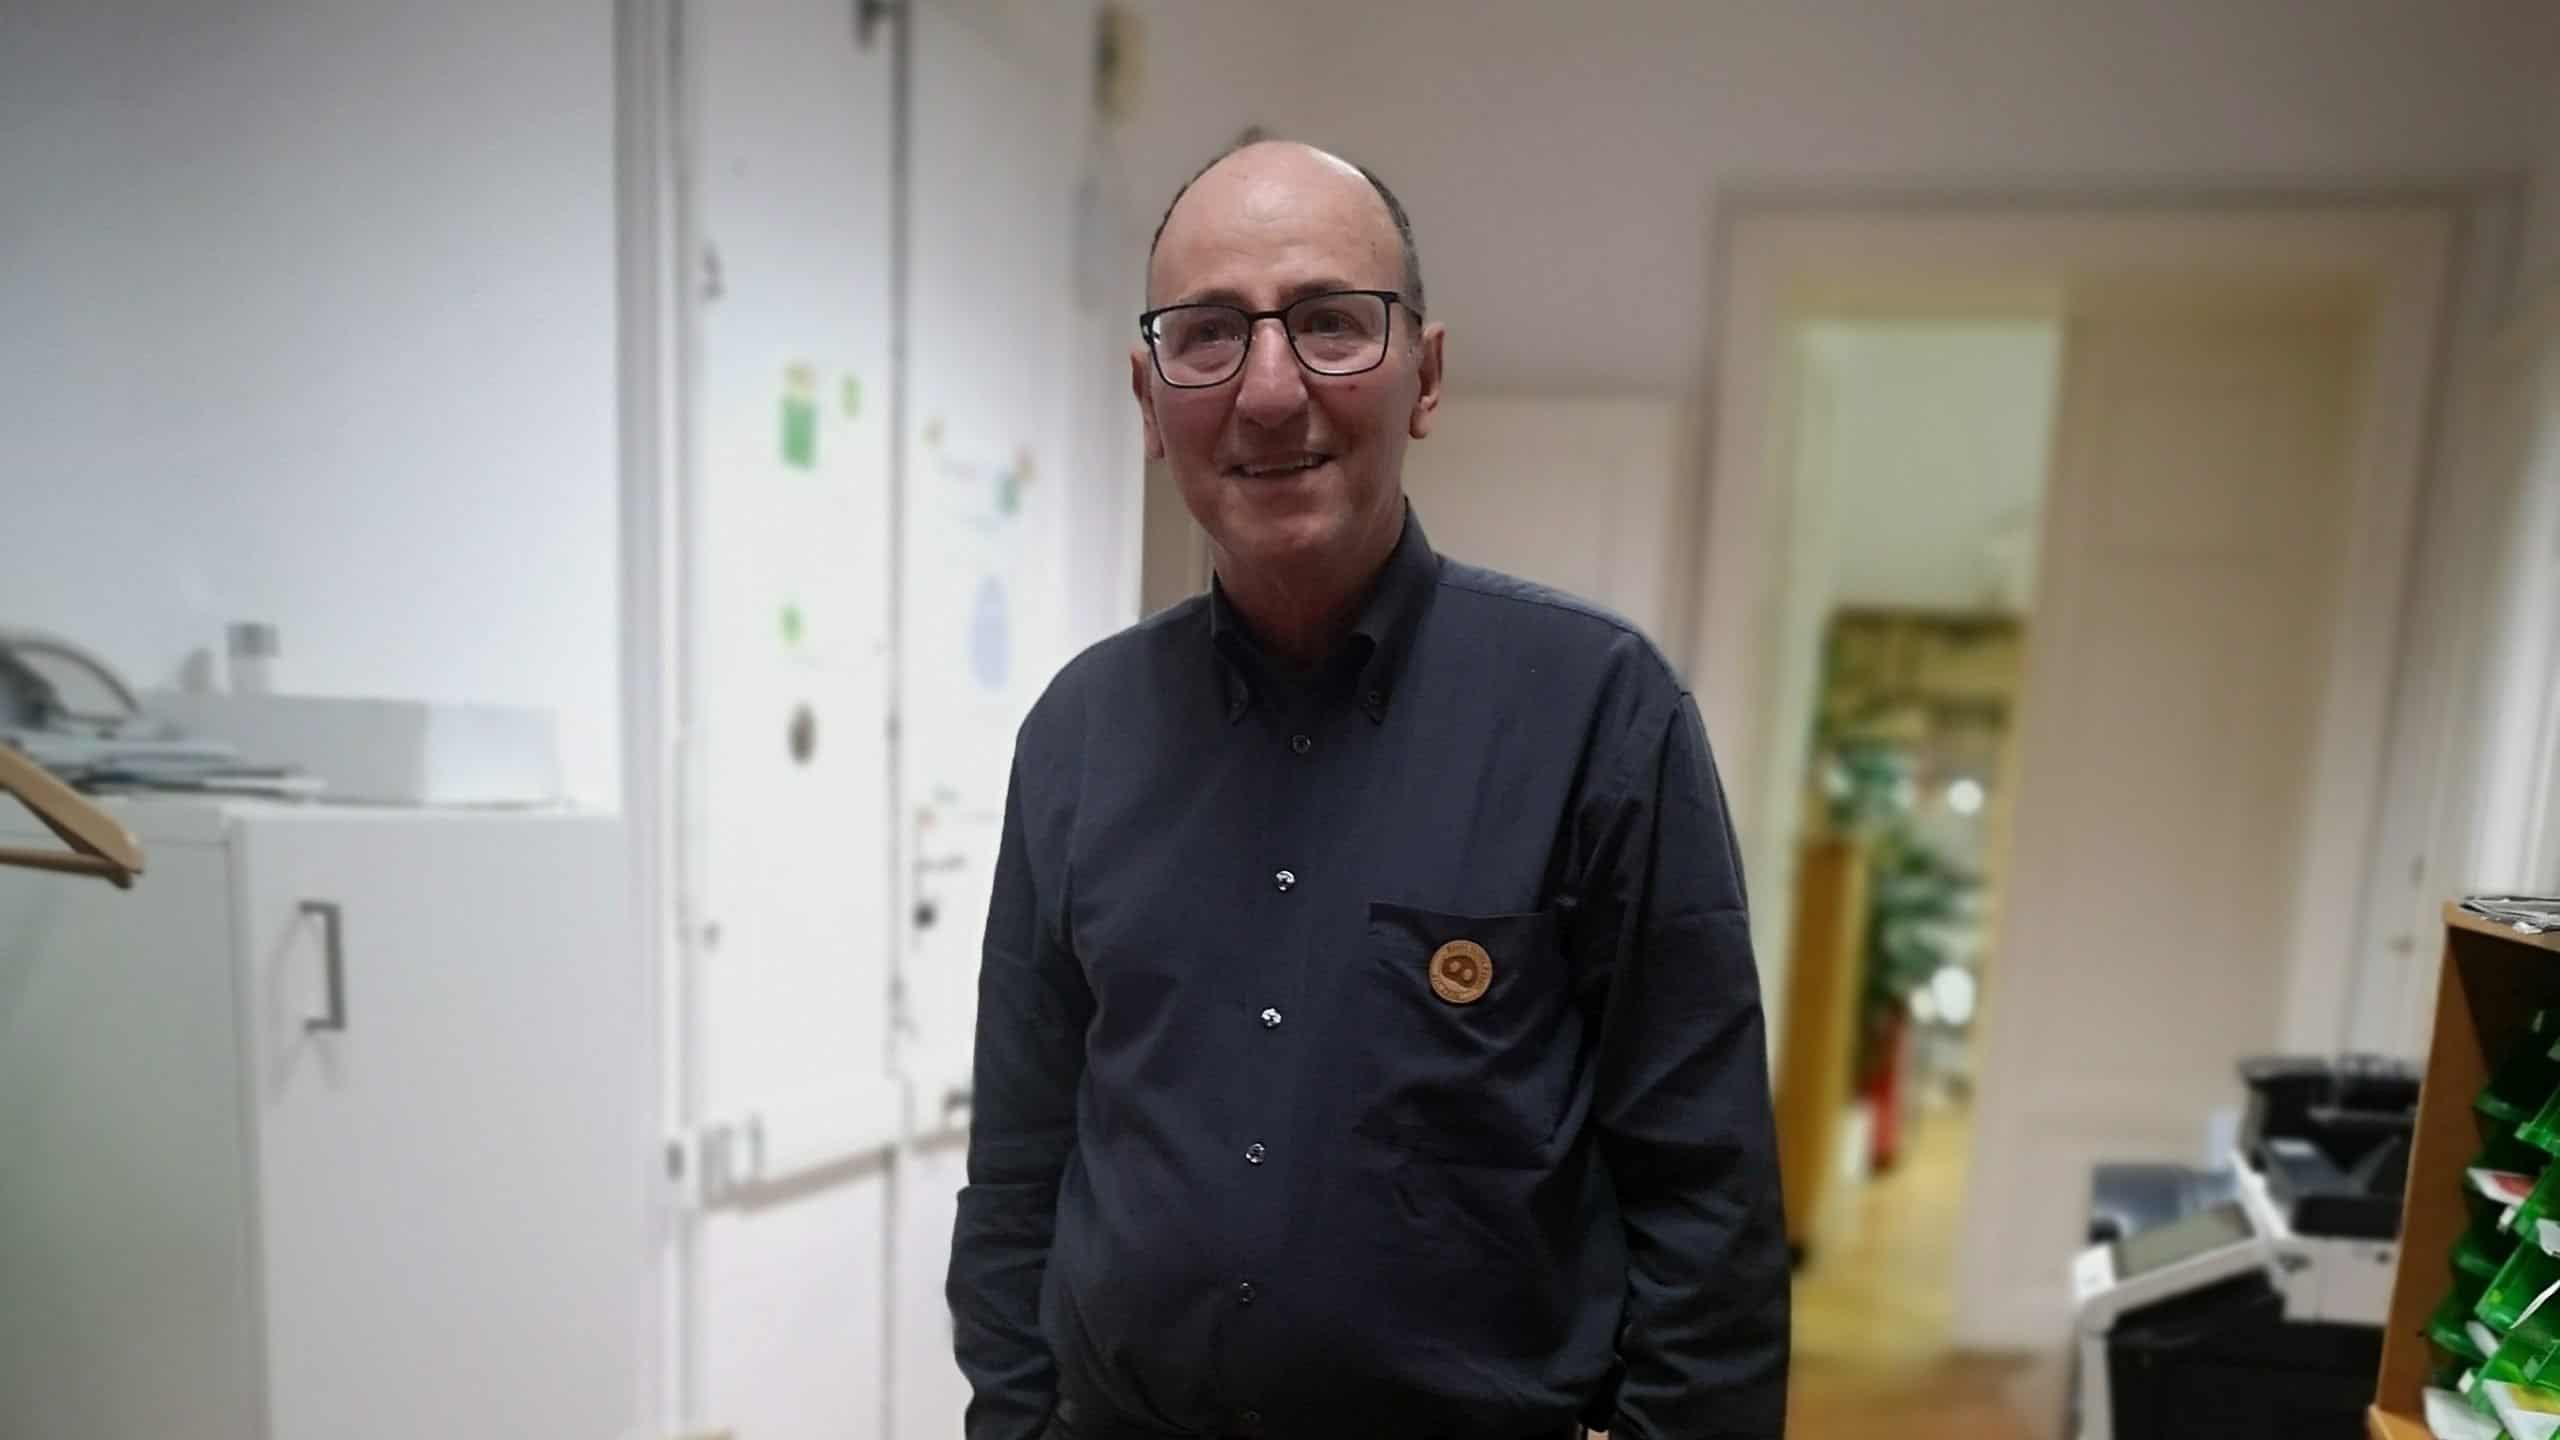 Urs Niggli im Gang des FiBL in Wien nach dem Podcast mit BauertothePeople